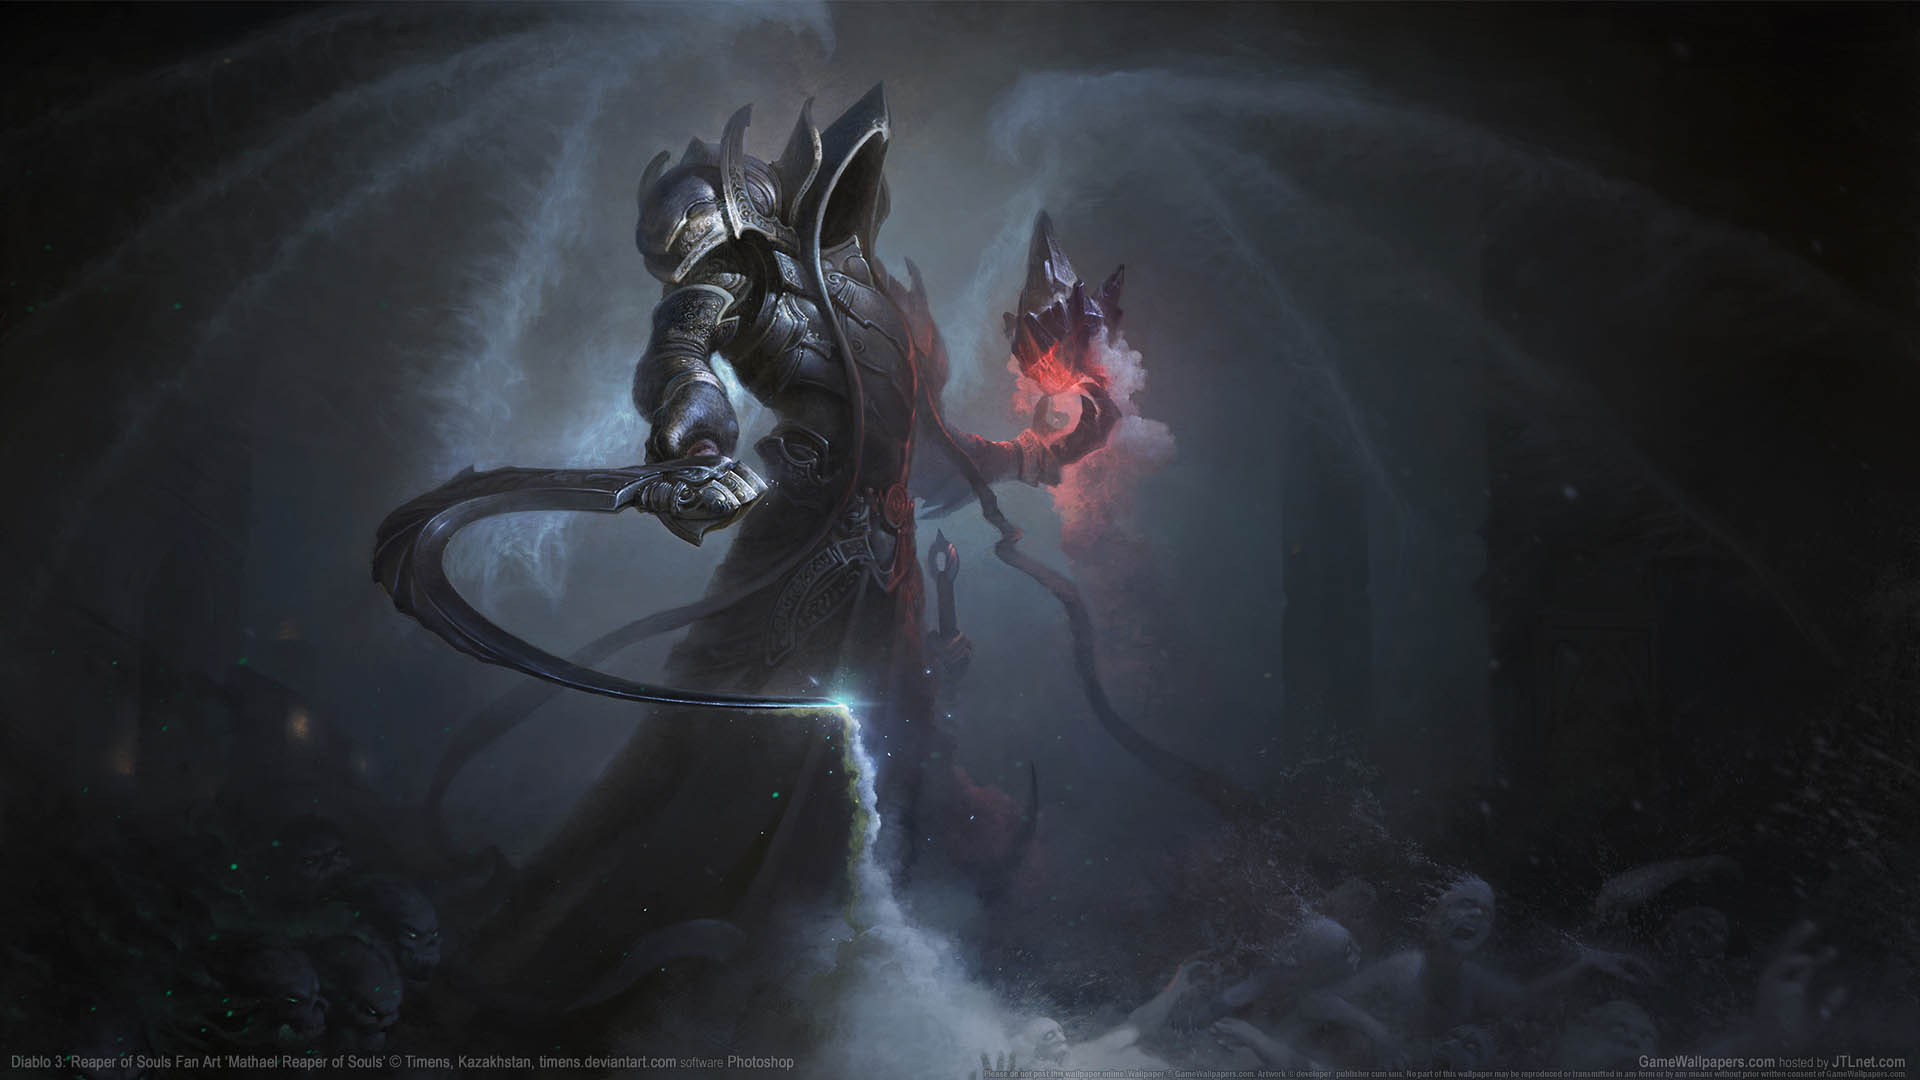 Diablo 3 Reaper Of Souls Fan Art Wallpaper Or Background 11